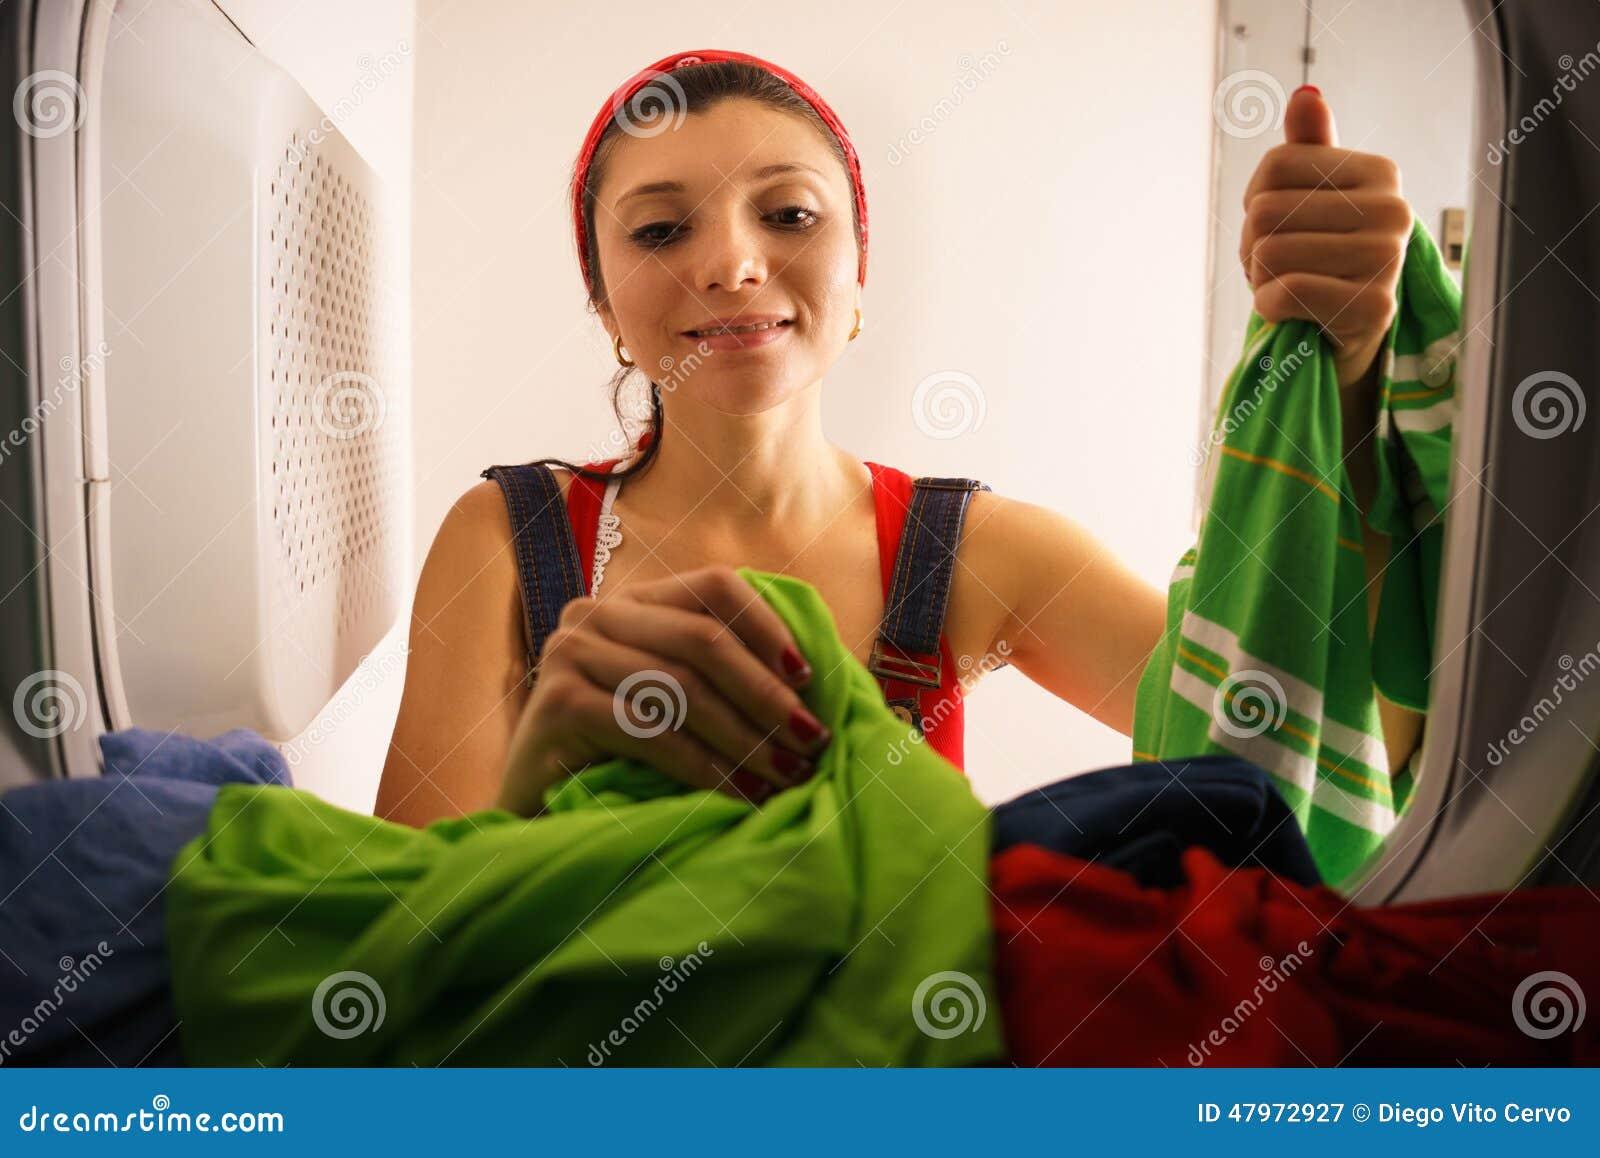 Frau welche die haushaltung zu hause nimmt trockene kleidung vom